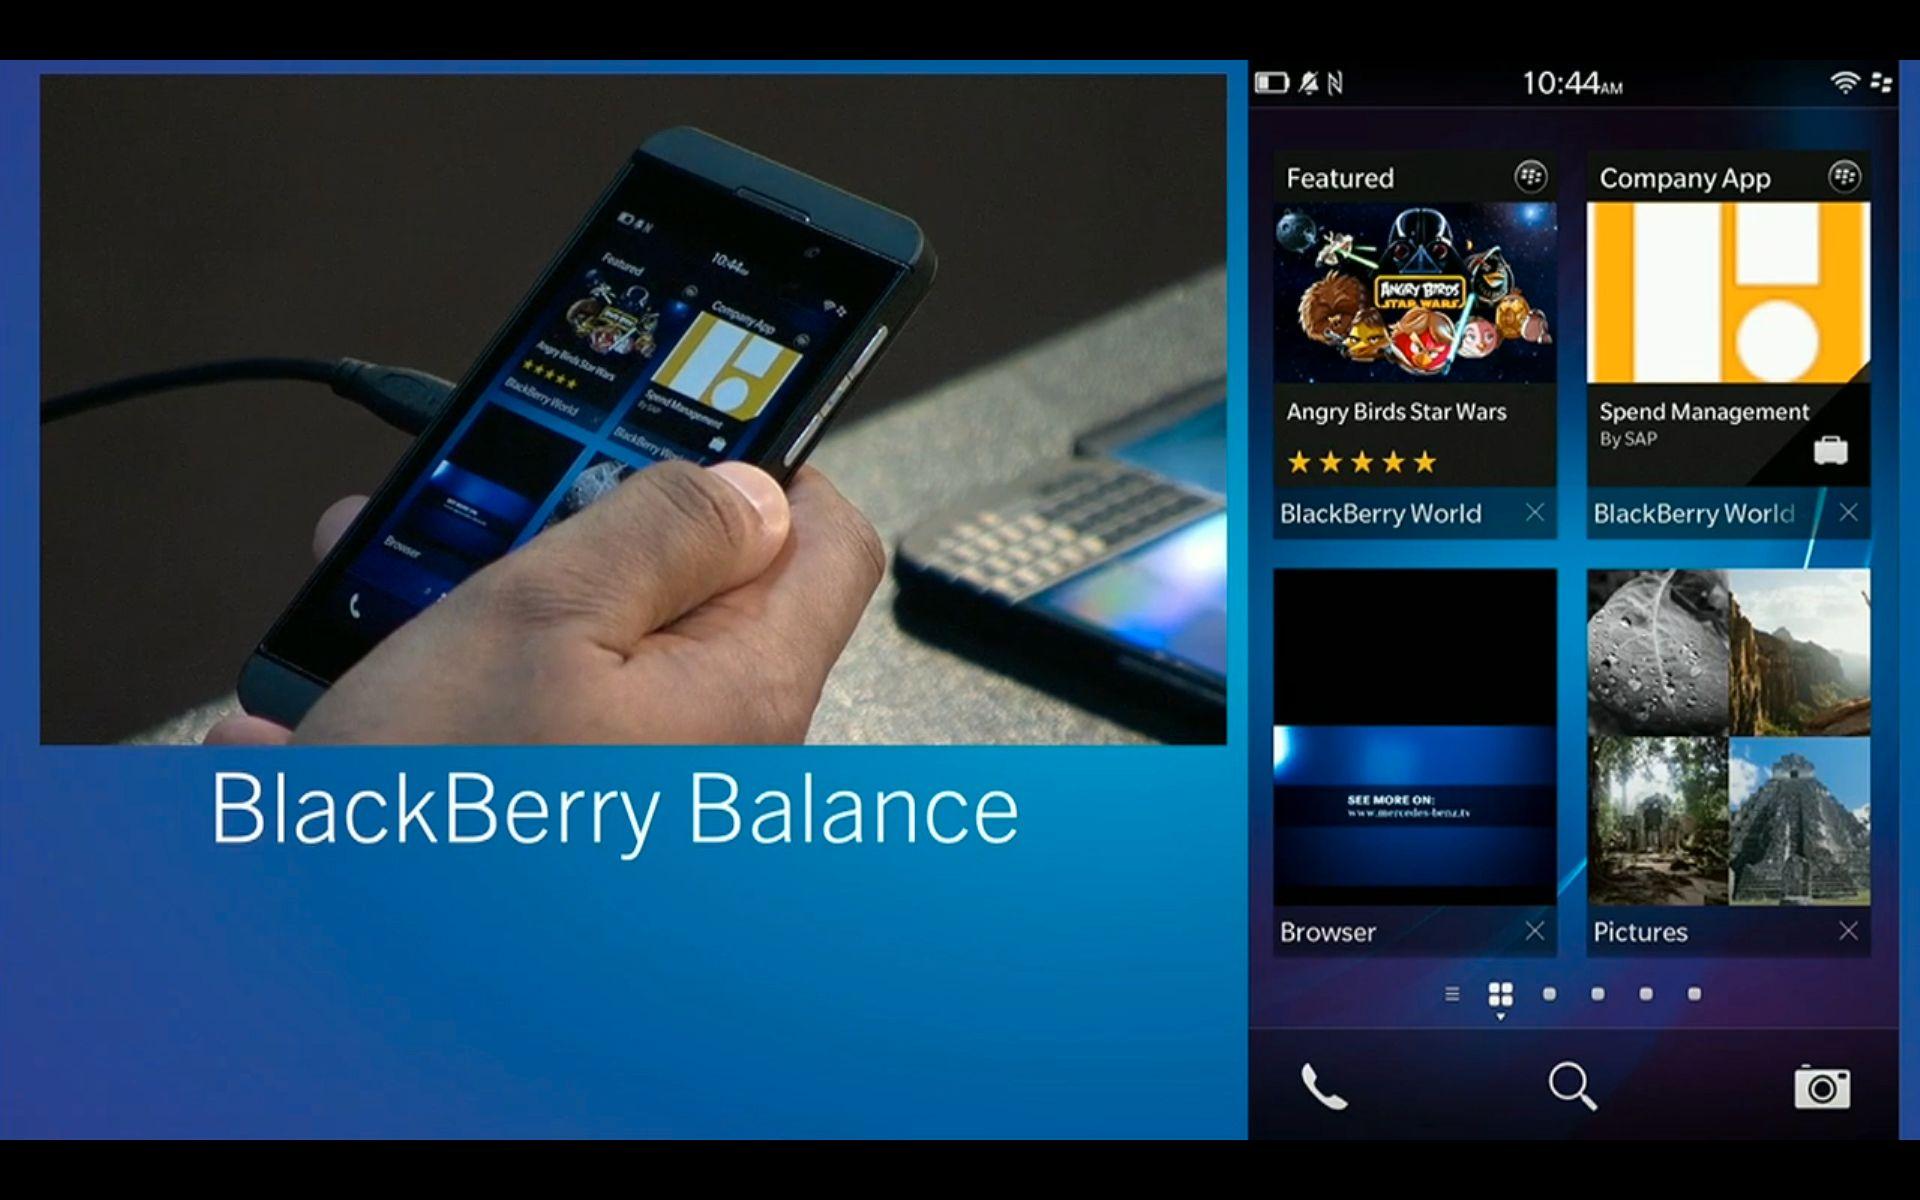 Skjermbilde fra demonstrasjonen av BlackBerry Balance.